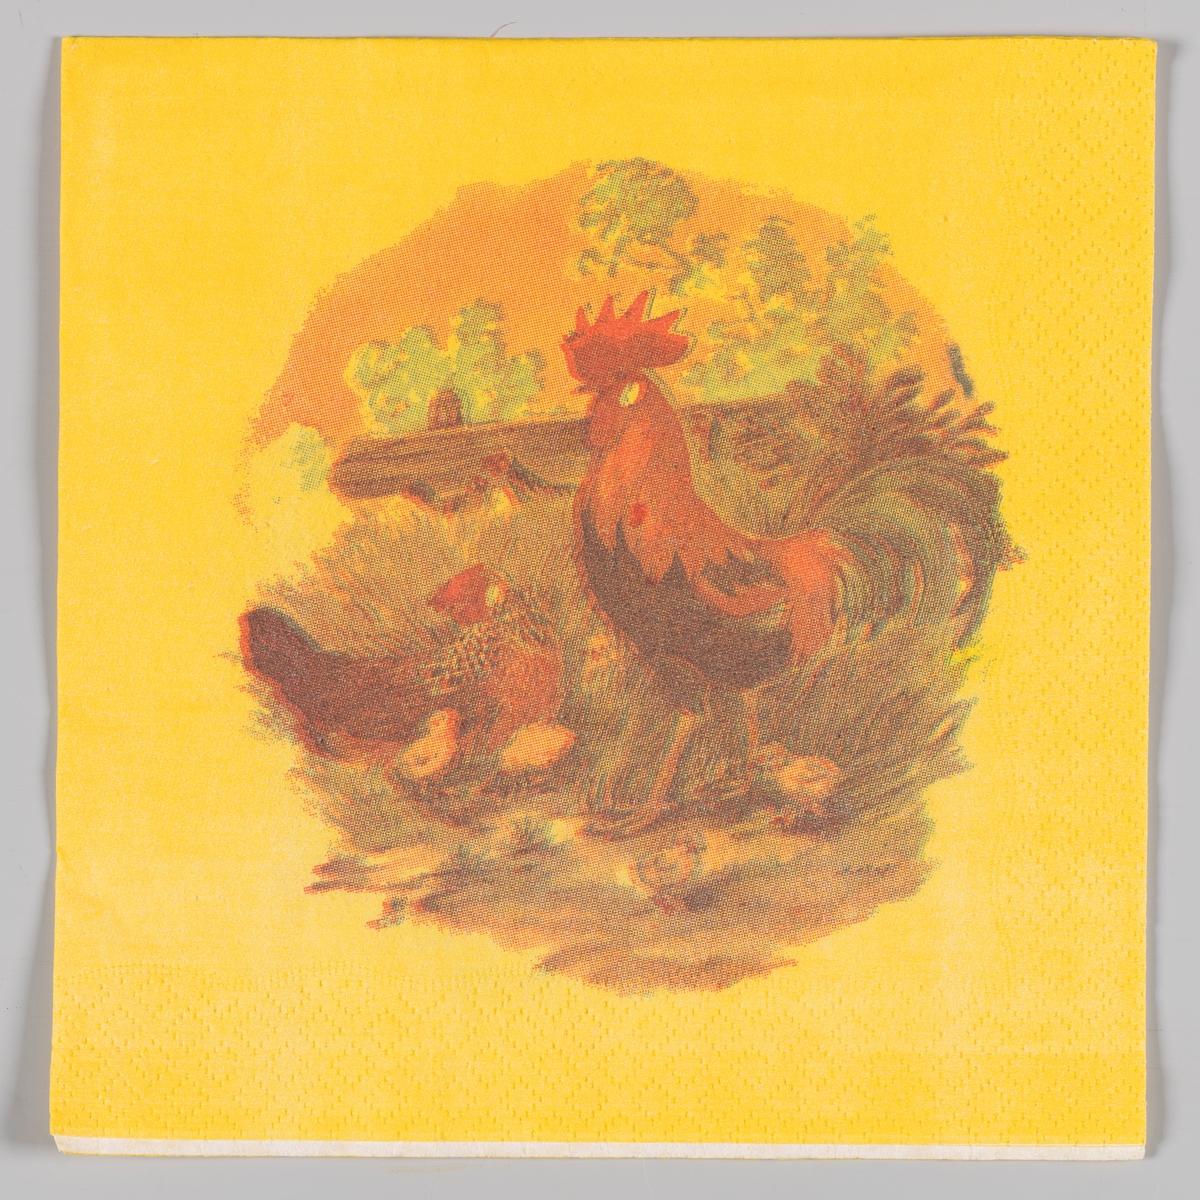 En hane og en høne med kyllinger i et landskap med en tømmerstokk og treer i bakgrunnen.